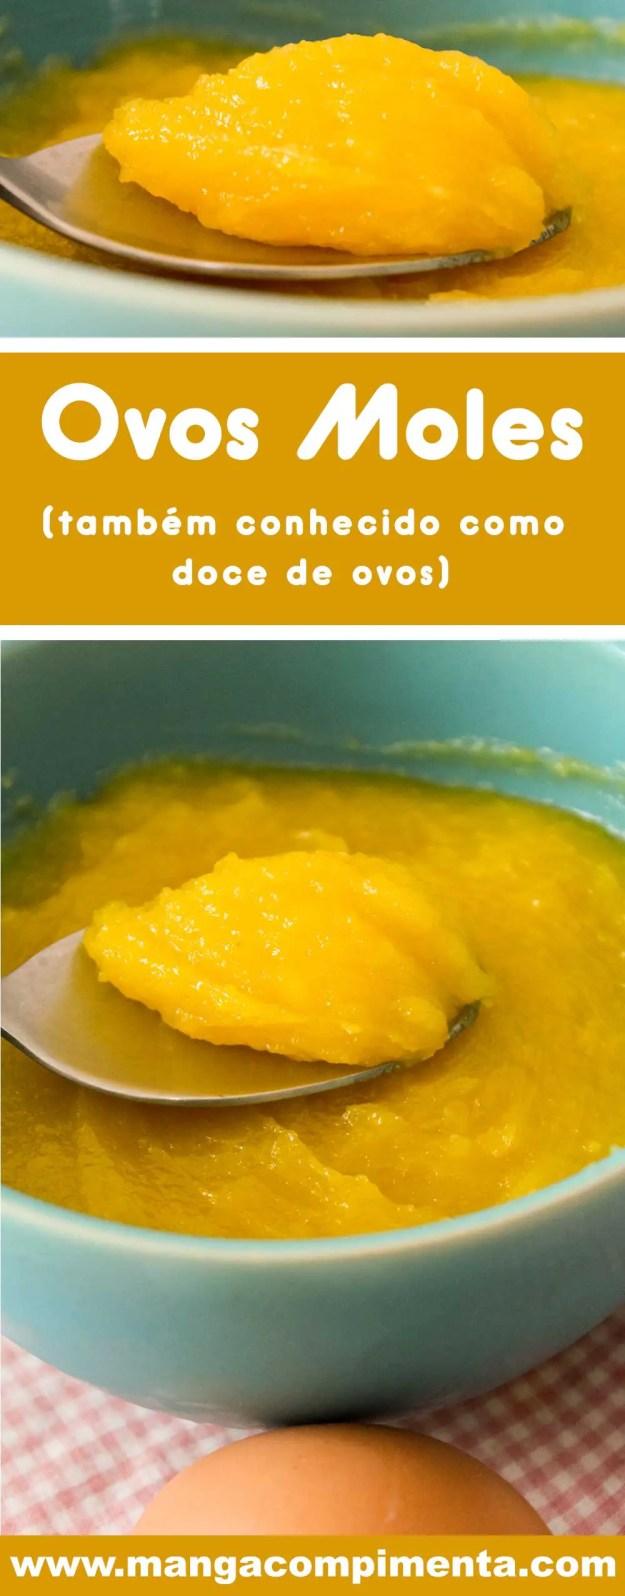 Receita de Doce de Ovos   Ovos Moles - um doce português delicioso para a sobremesa depois do almoço.